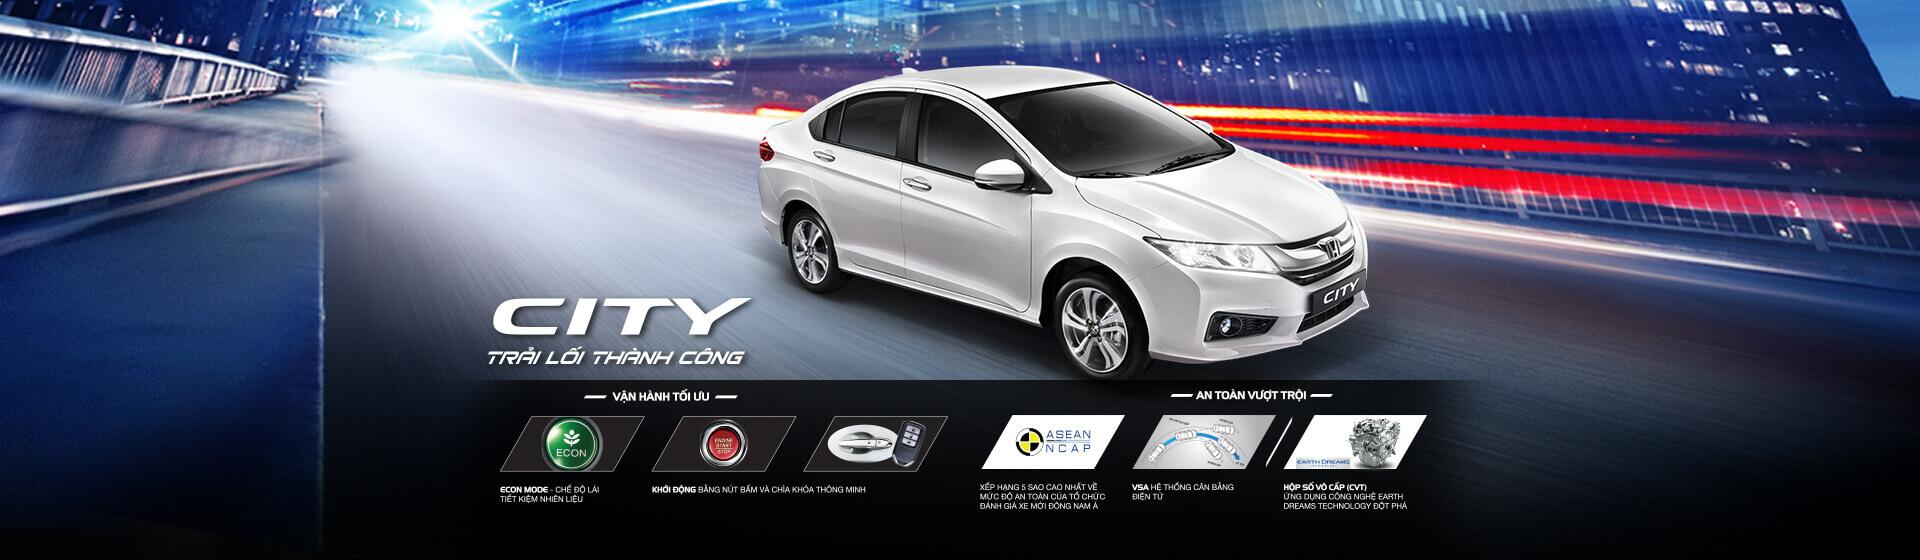 Thông số kỹ thuật xe Honda City 2017 mới